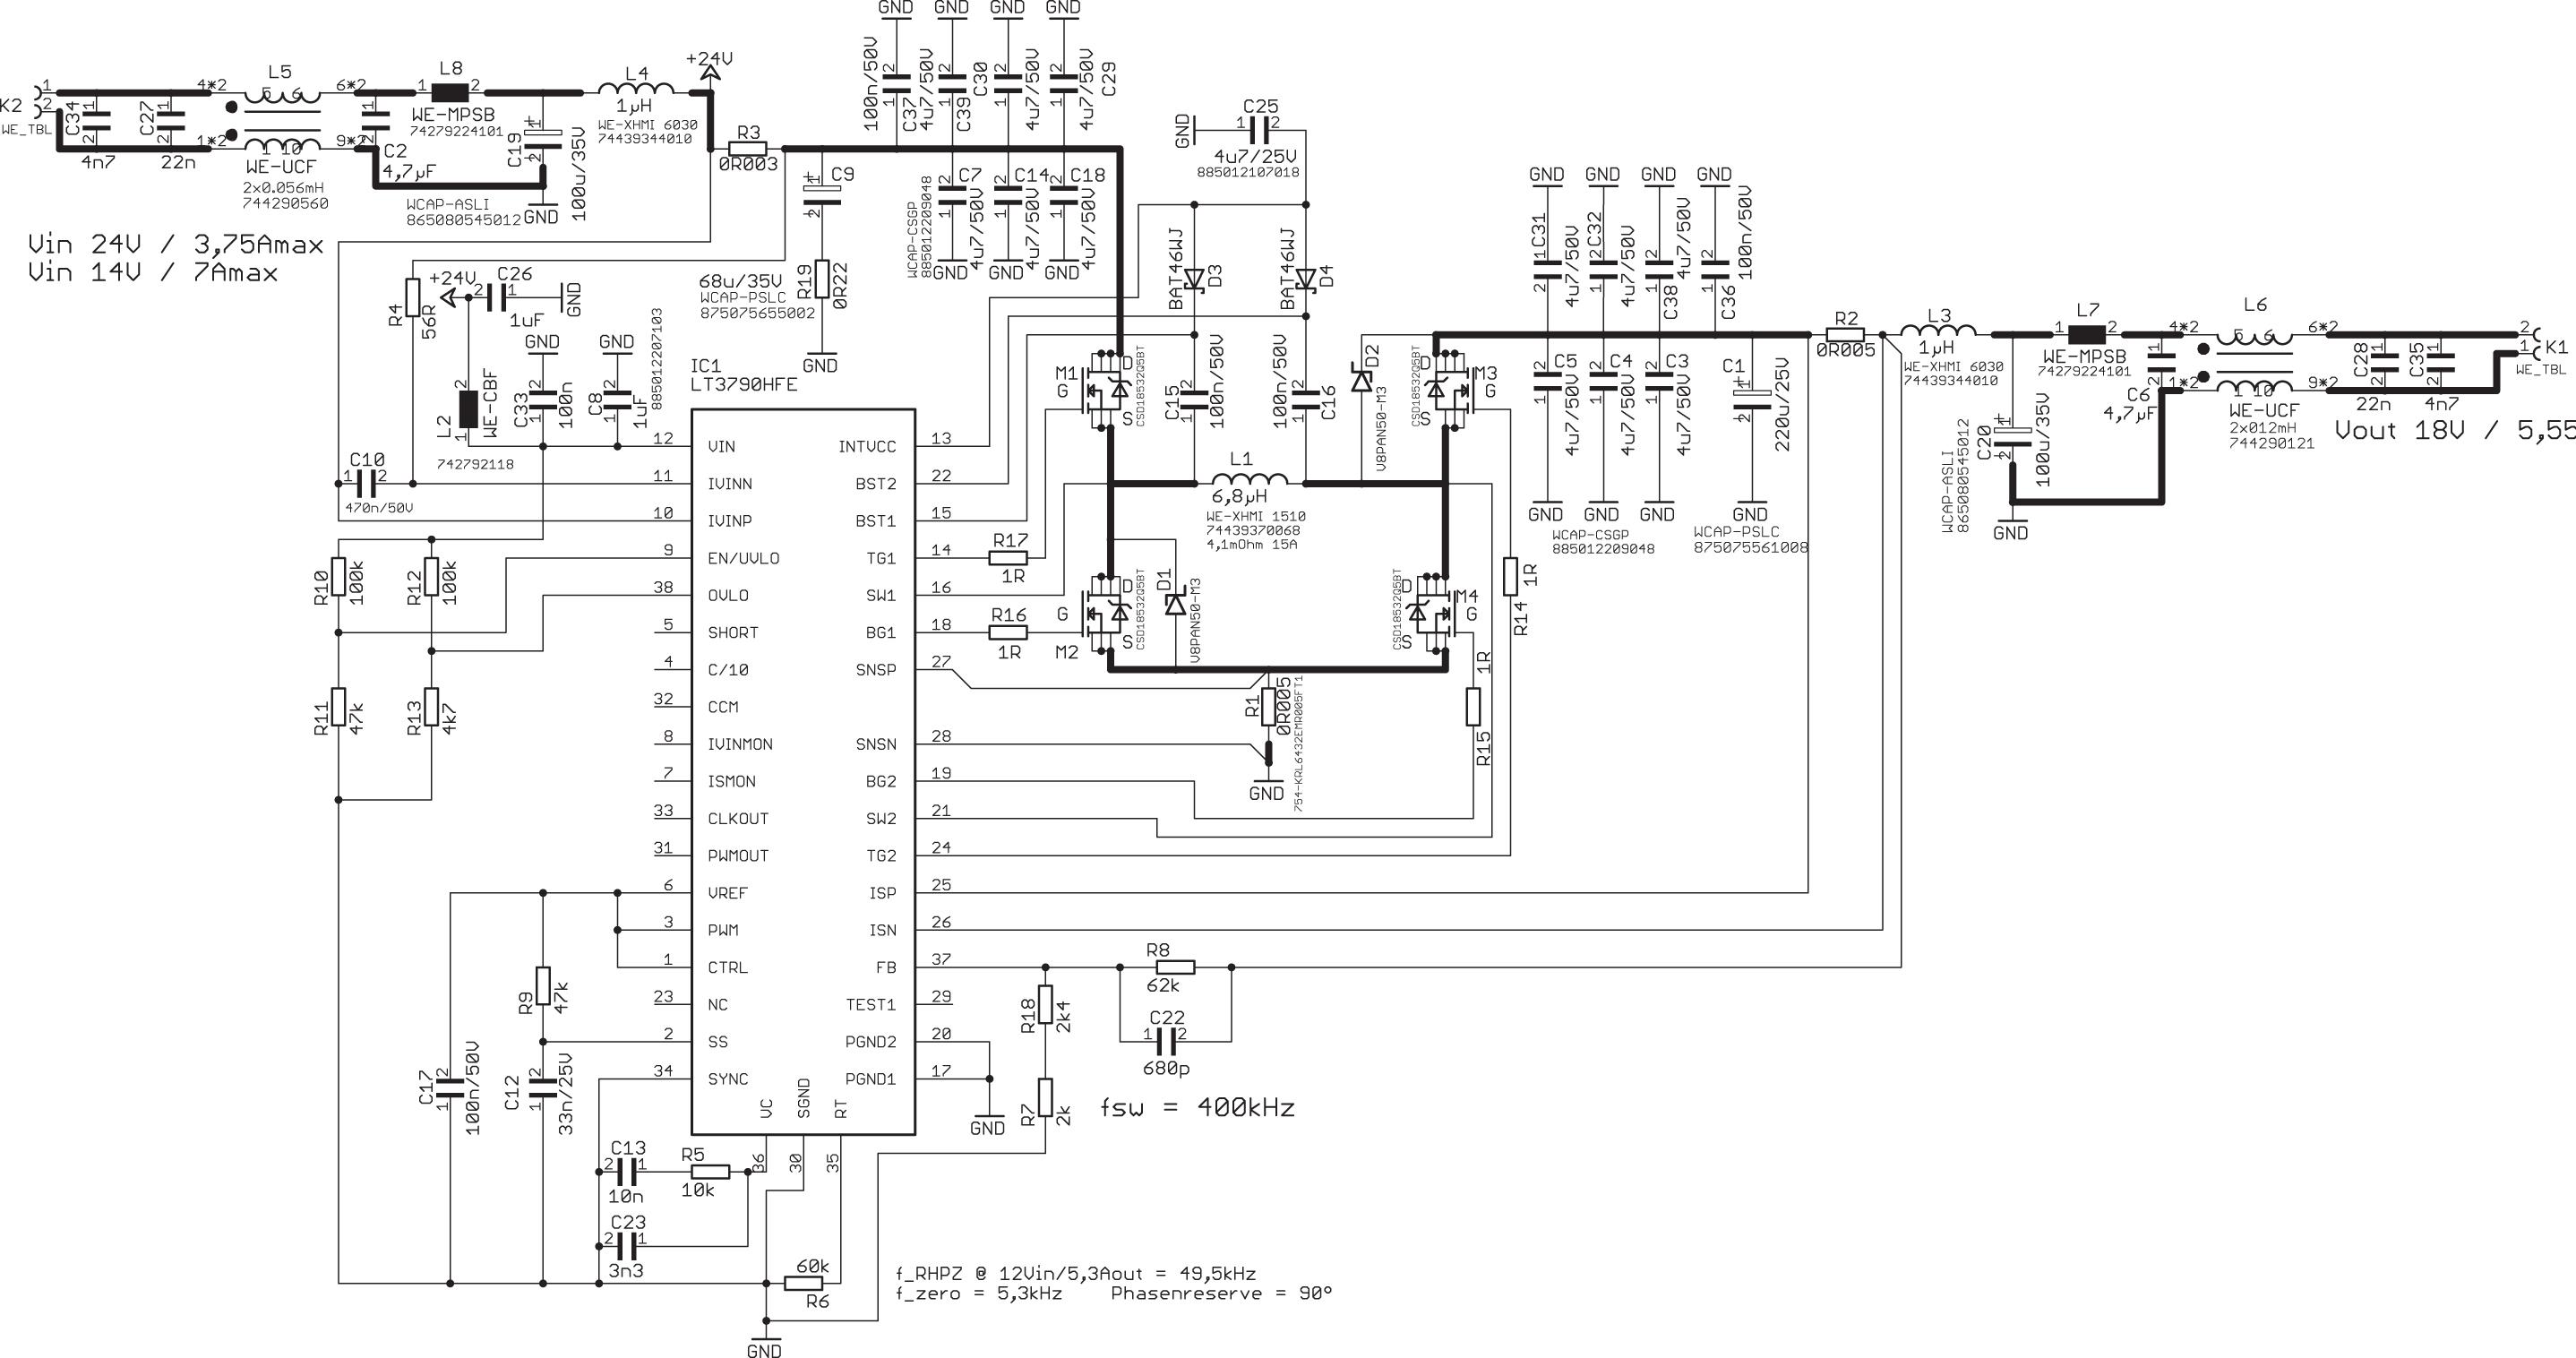 Электрическая принципиальная схема повышающе-понижающего преобразователя мощностью 100 Вт, включая все компоненты фильтрации